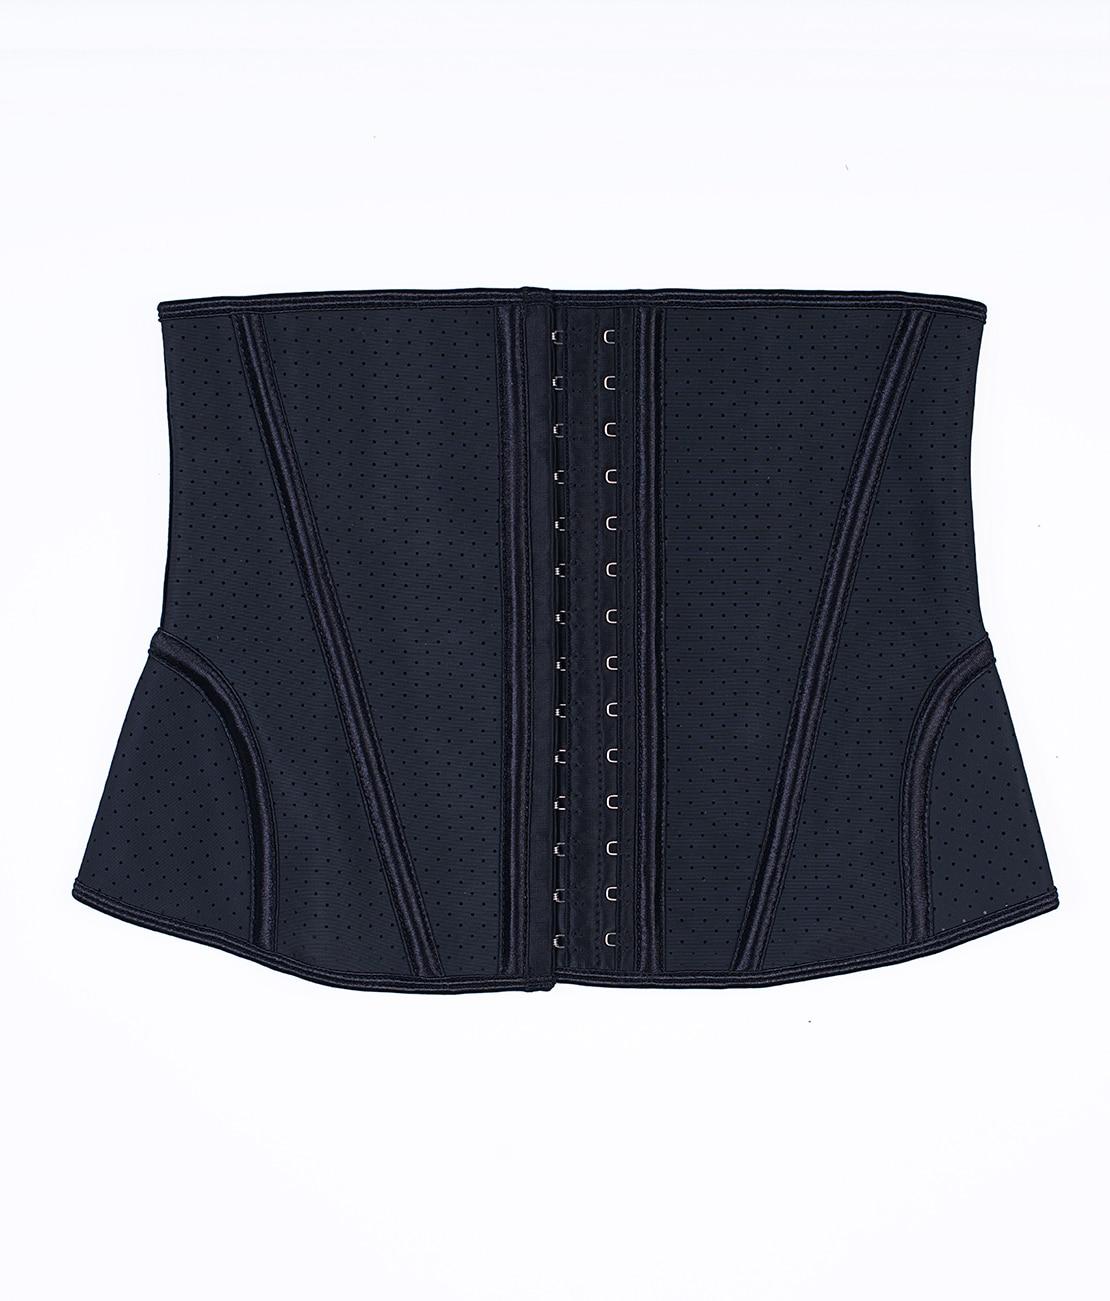 Gaine Sculptante Noire Packshot Front